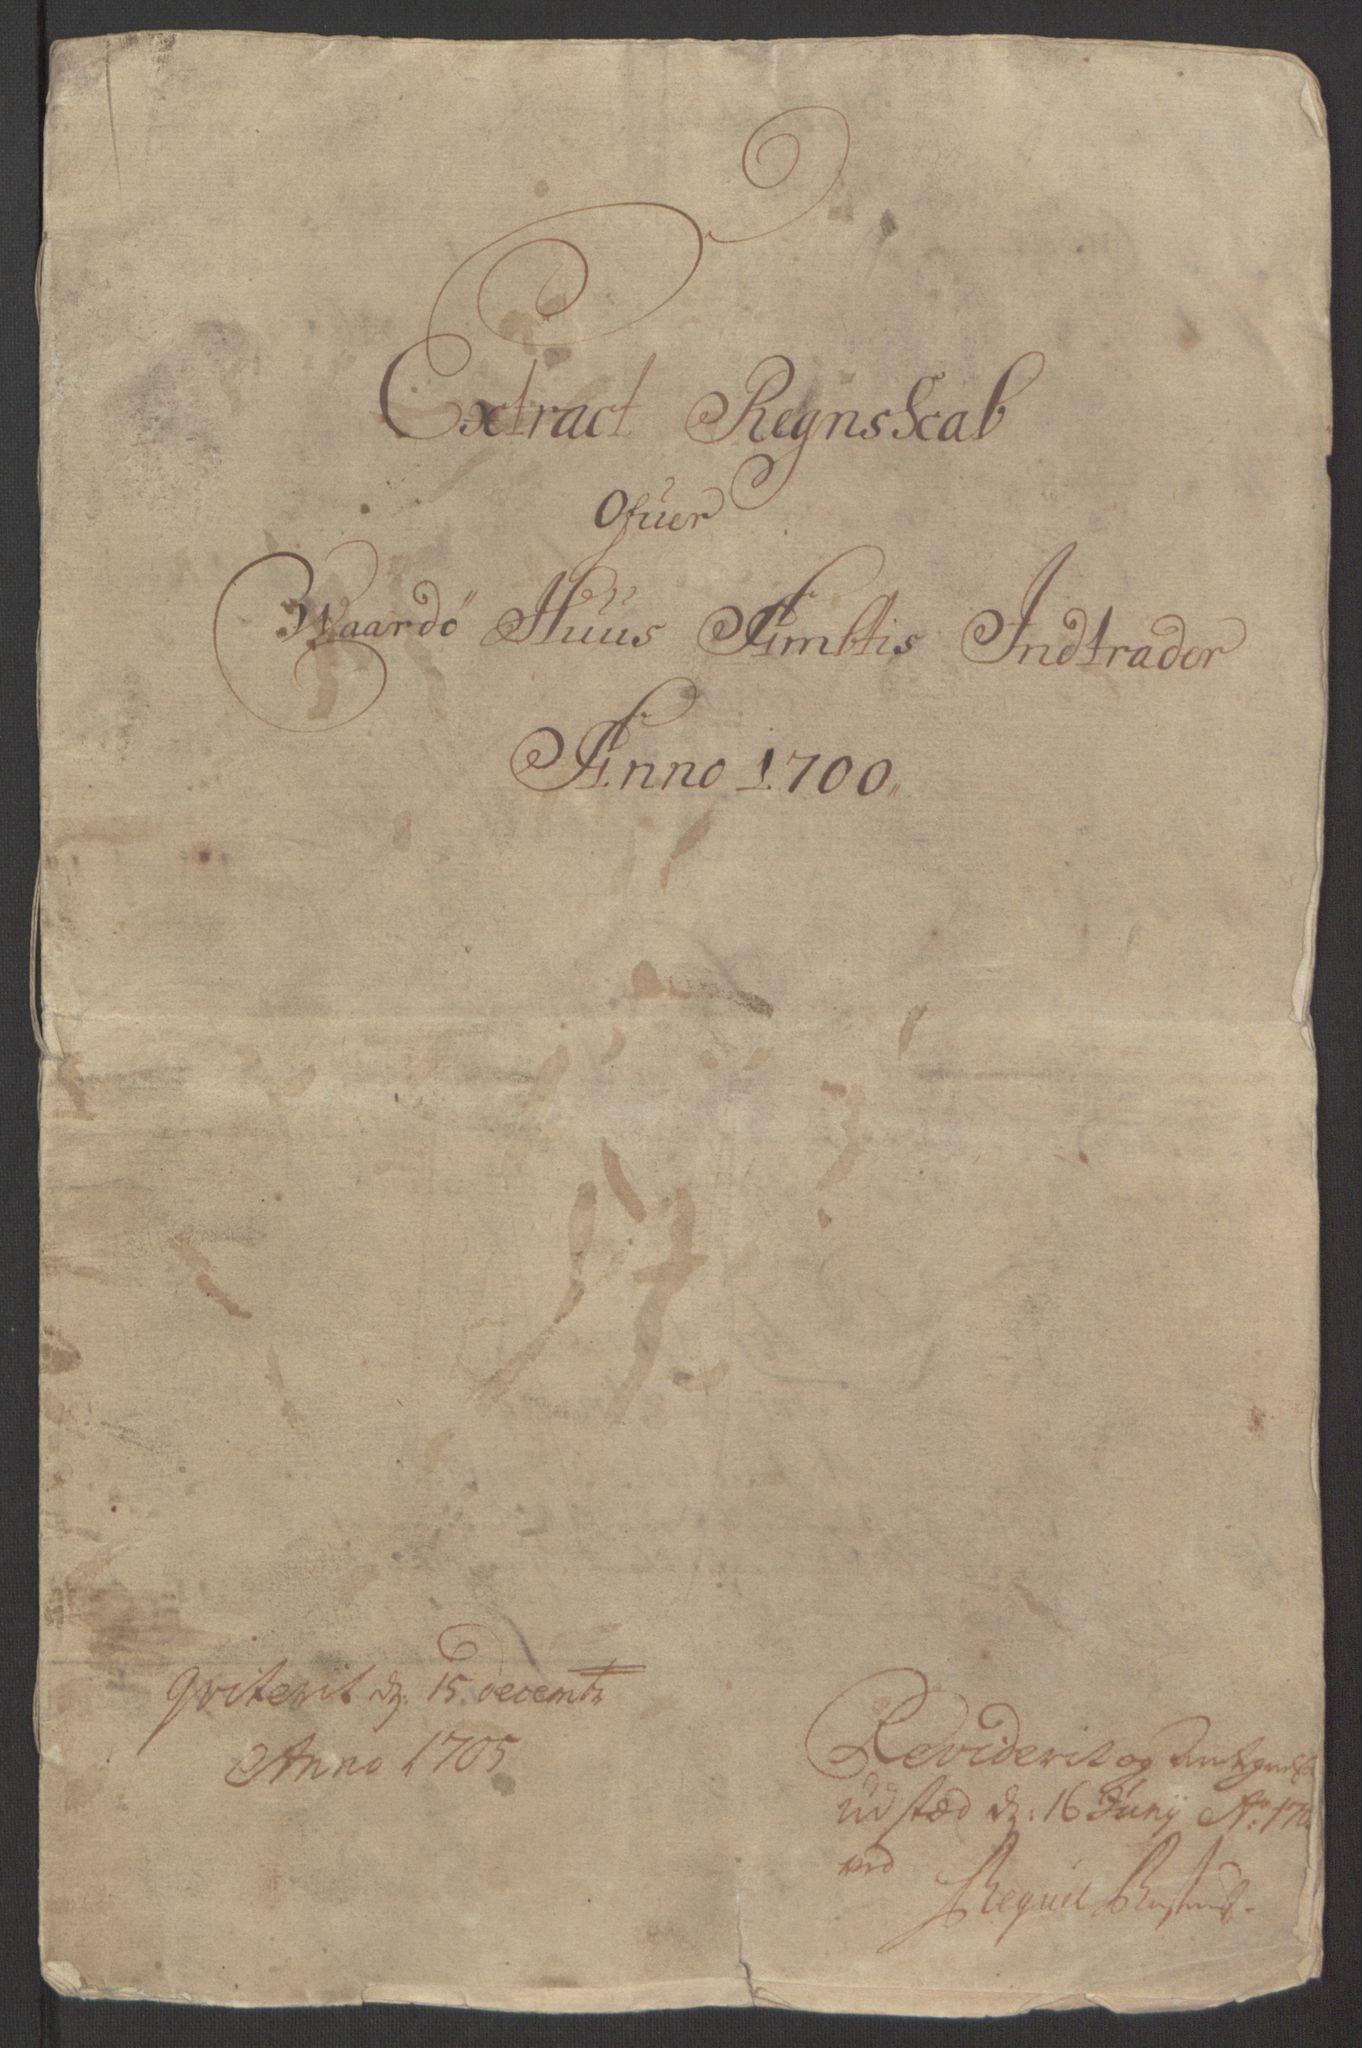 RA, Rentekammeret inntil 1814, Reviderte regnskaper, Fogderegnskap, R69/L4851: Fogderegnskap Finnmark/Vardøhus, 1691-1700, s. 416